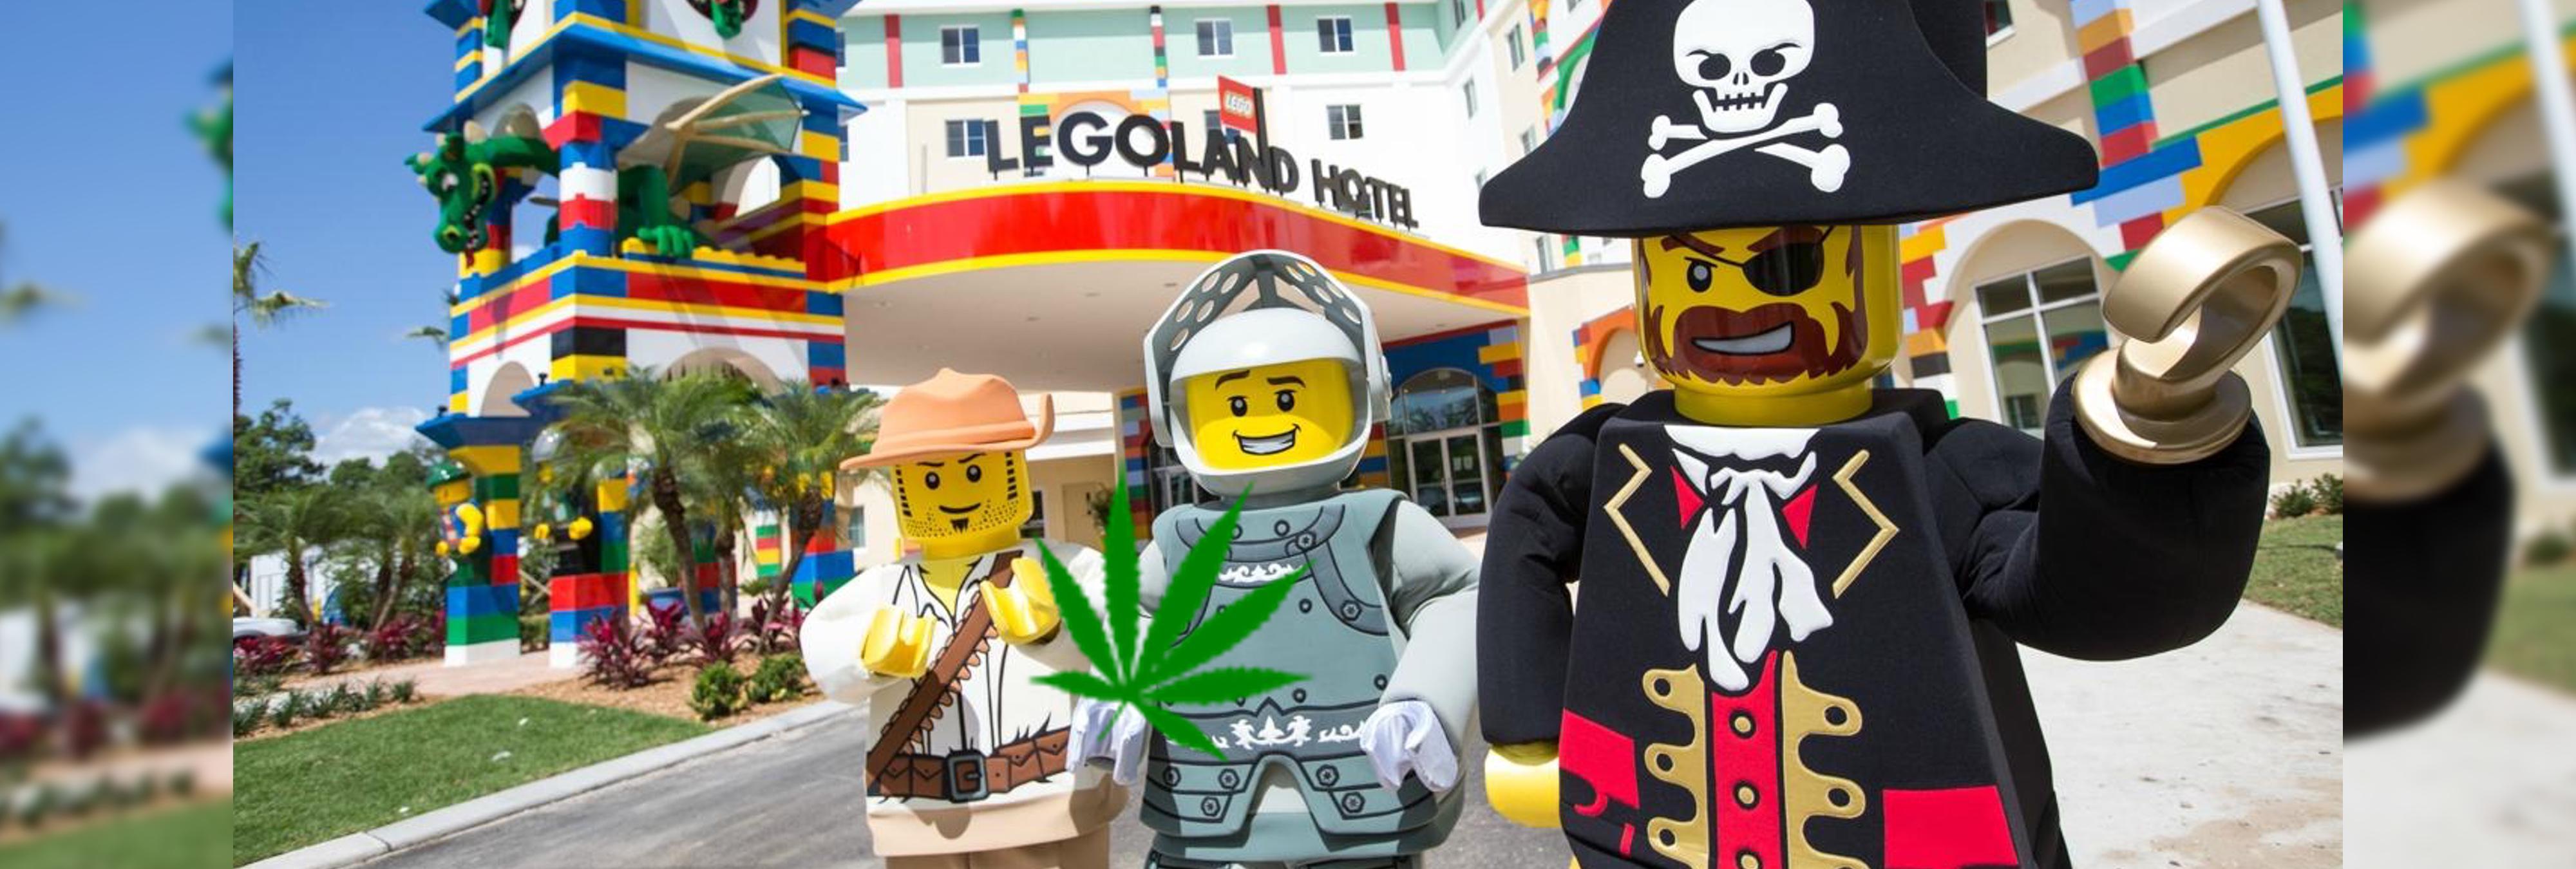 Esconden una granja de marihuana en un parque de atracciones de Lego